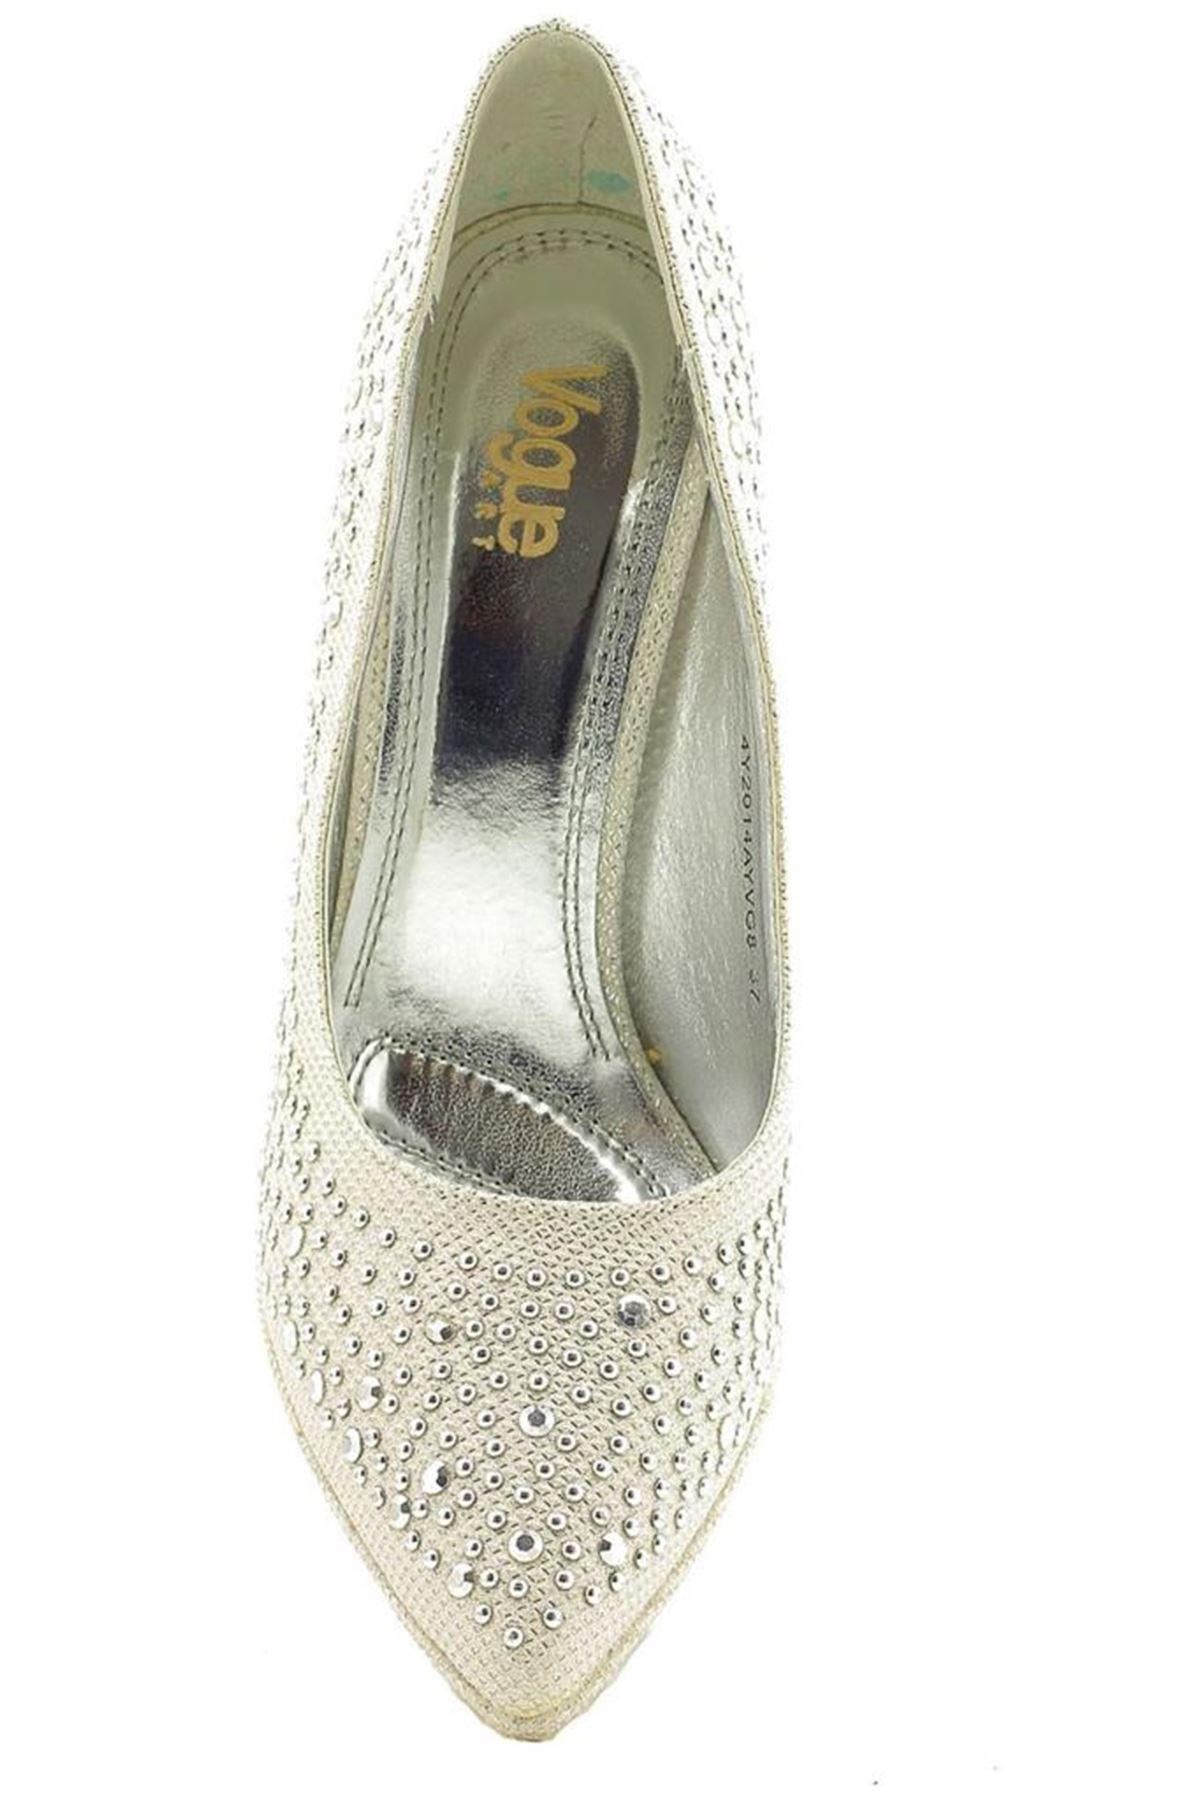 Vogue Lame Gümüş Topuklu Taşlı Bayan Ayakkabı